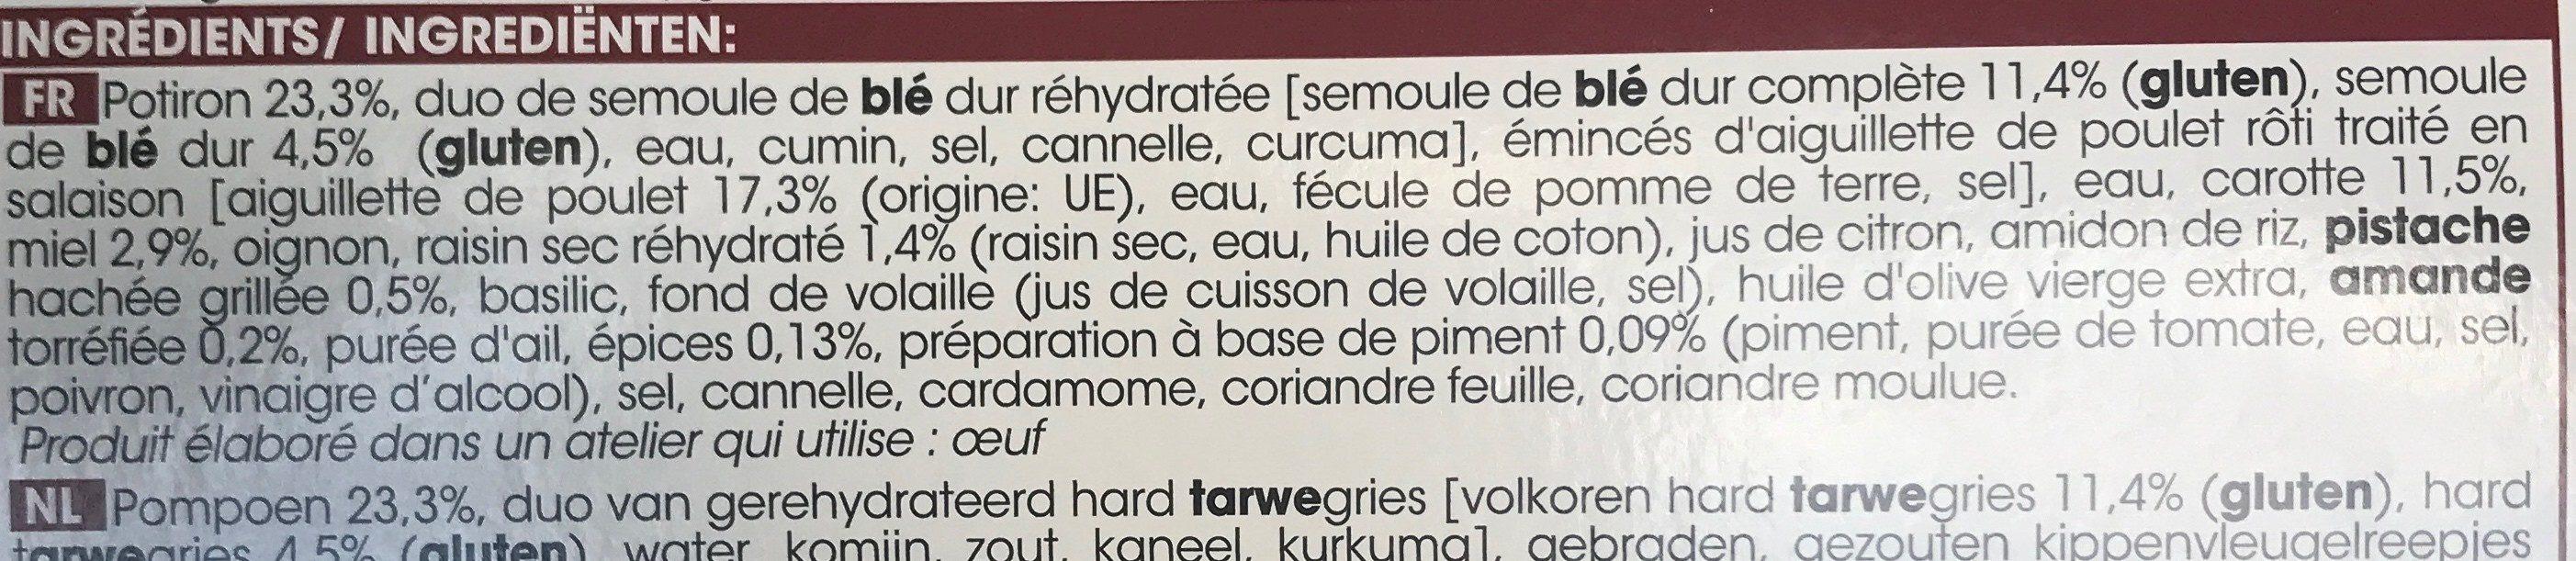 D'équilibre - Aiguillettes de poulet - Ingrediënten - fr